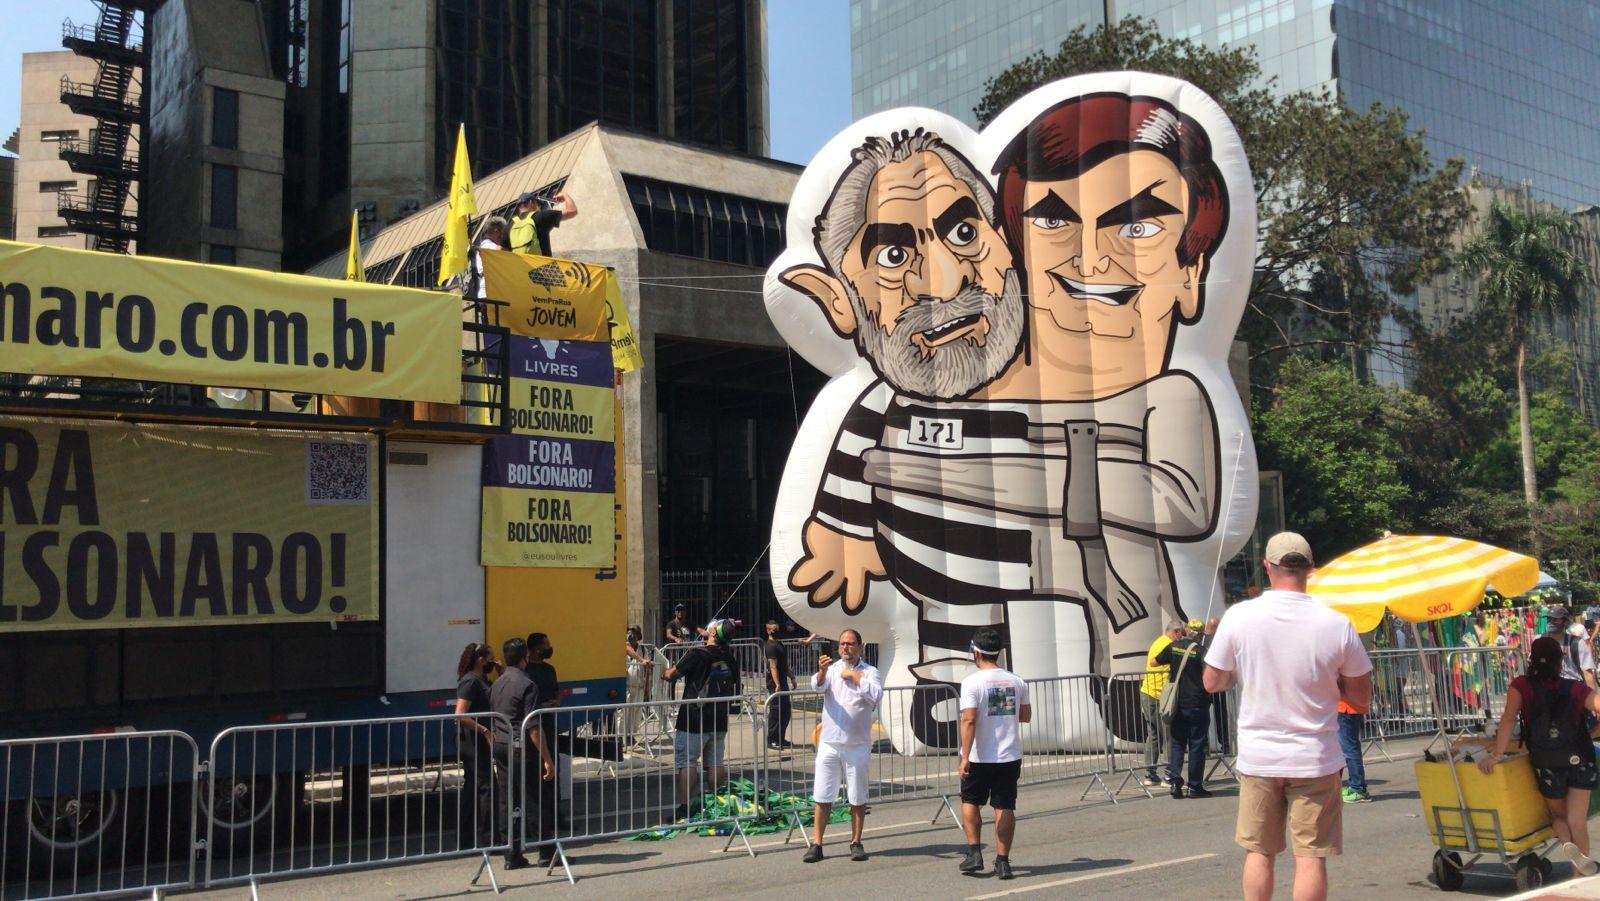 IMAGEM: Com Lula, com Bolsonaro